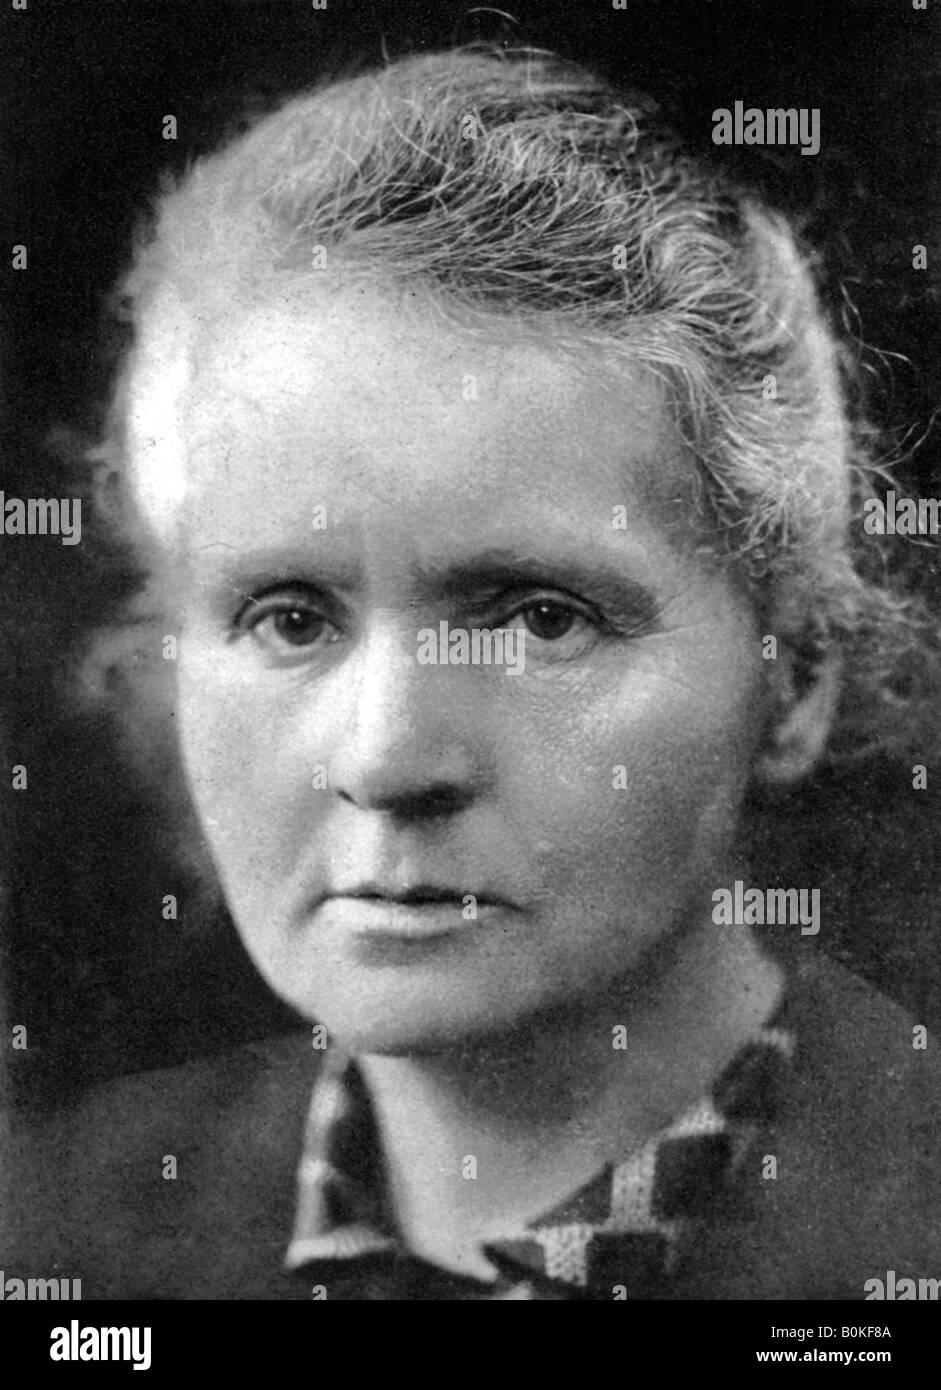 Marie Curie (1867-1934), polnisch-französische Physiker, 1926. Artist: Unbekannt Stockfoto